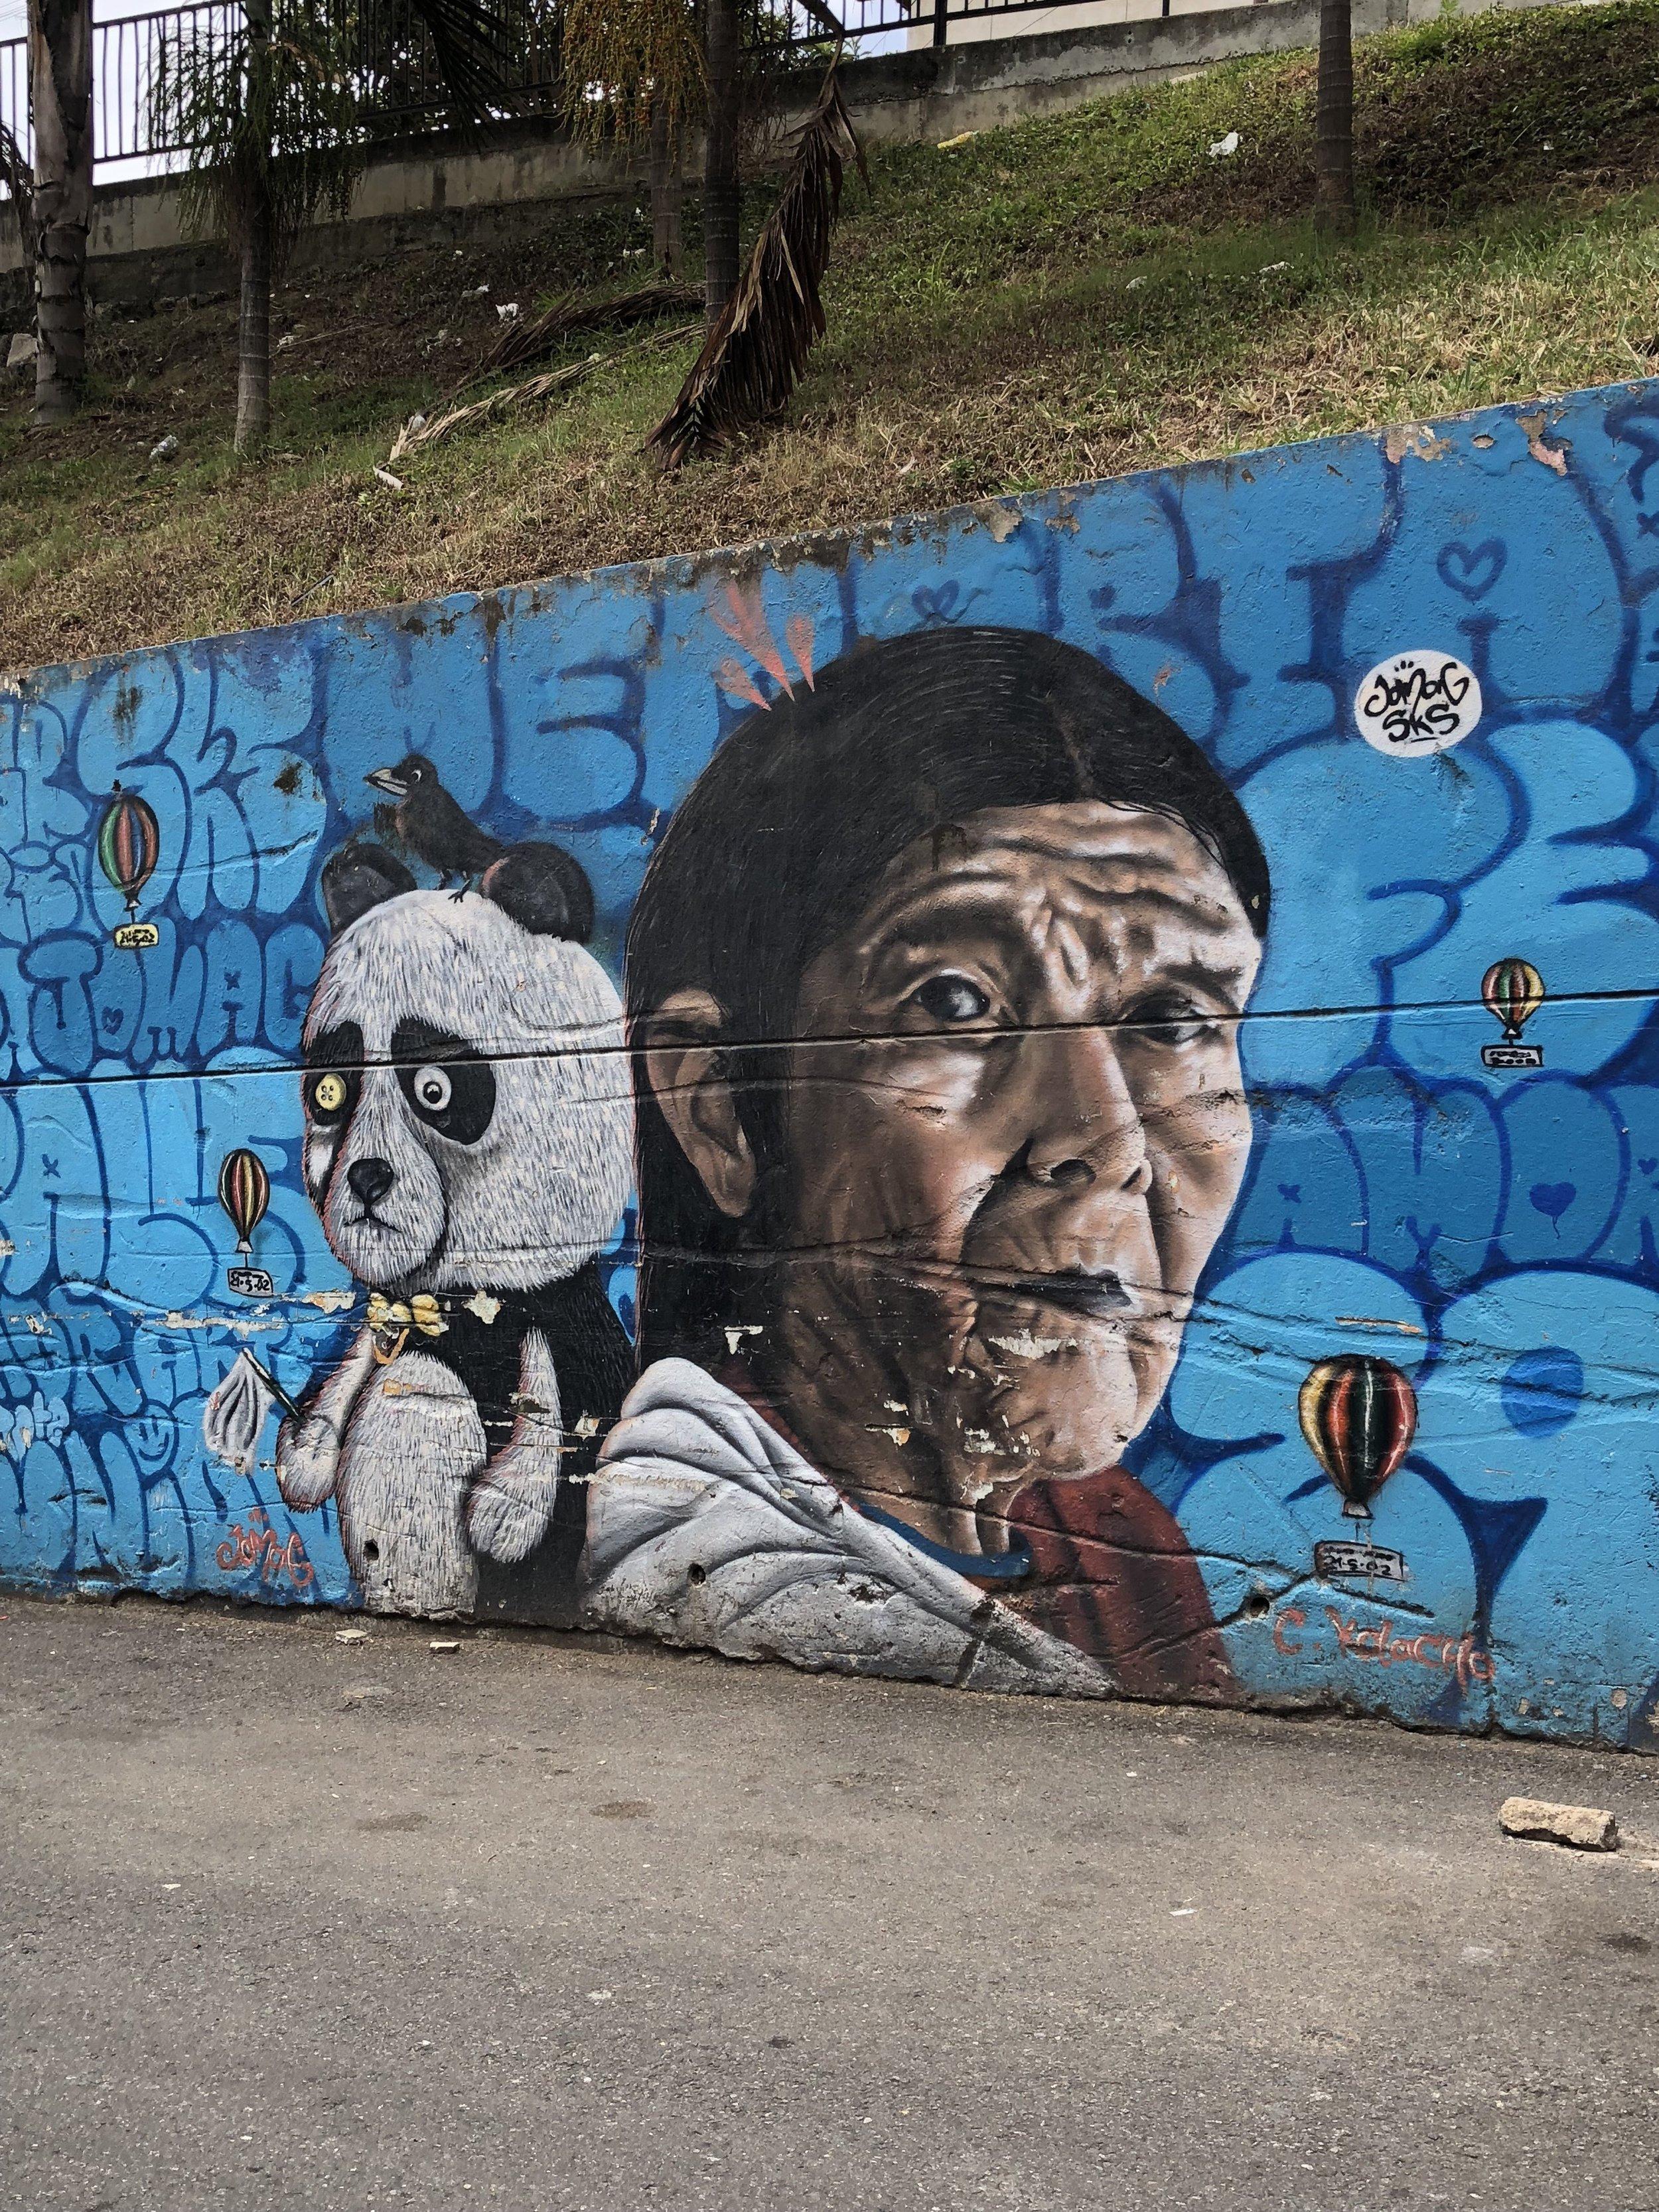 Street art in Comuna 13.